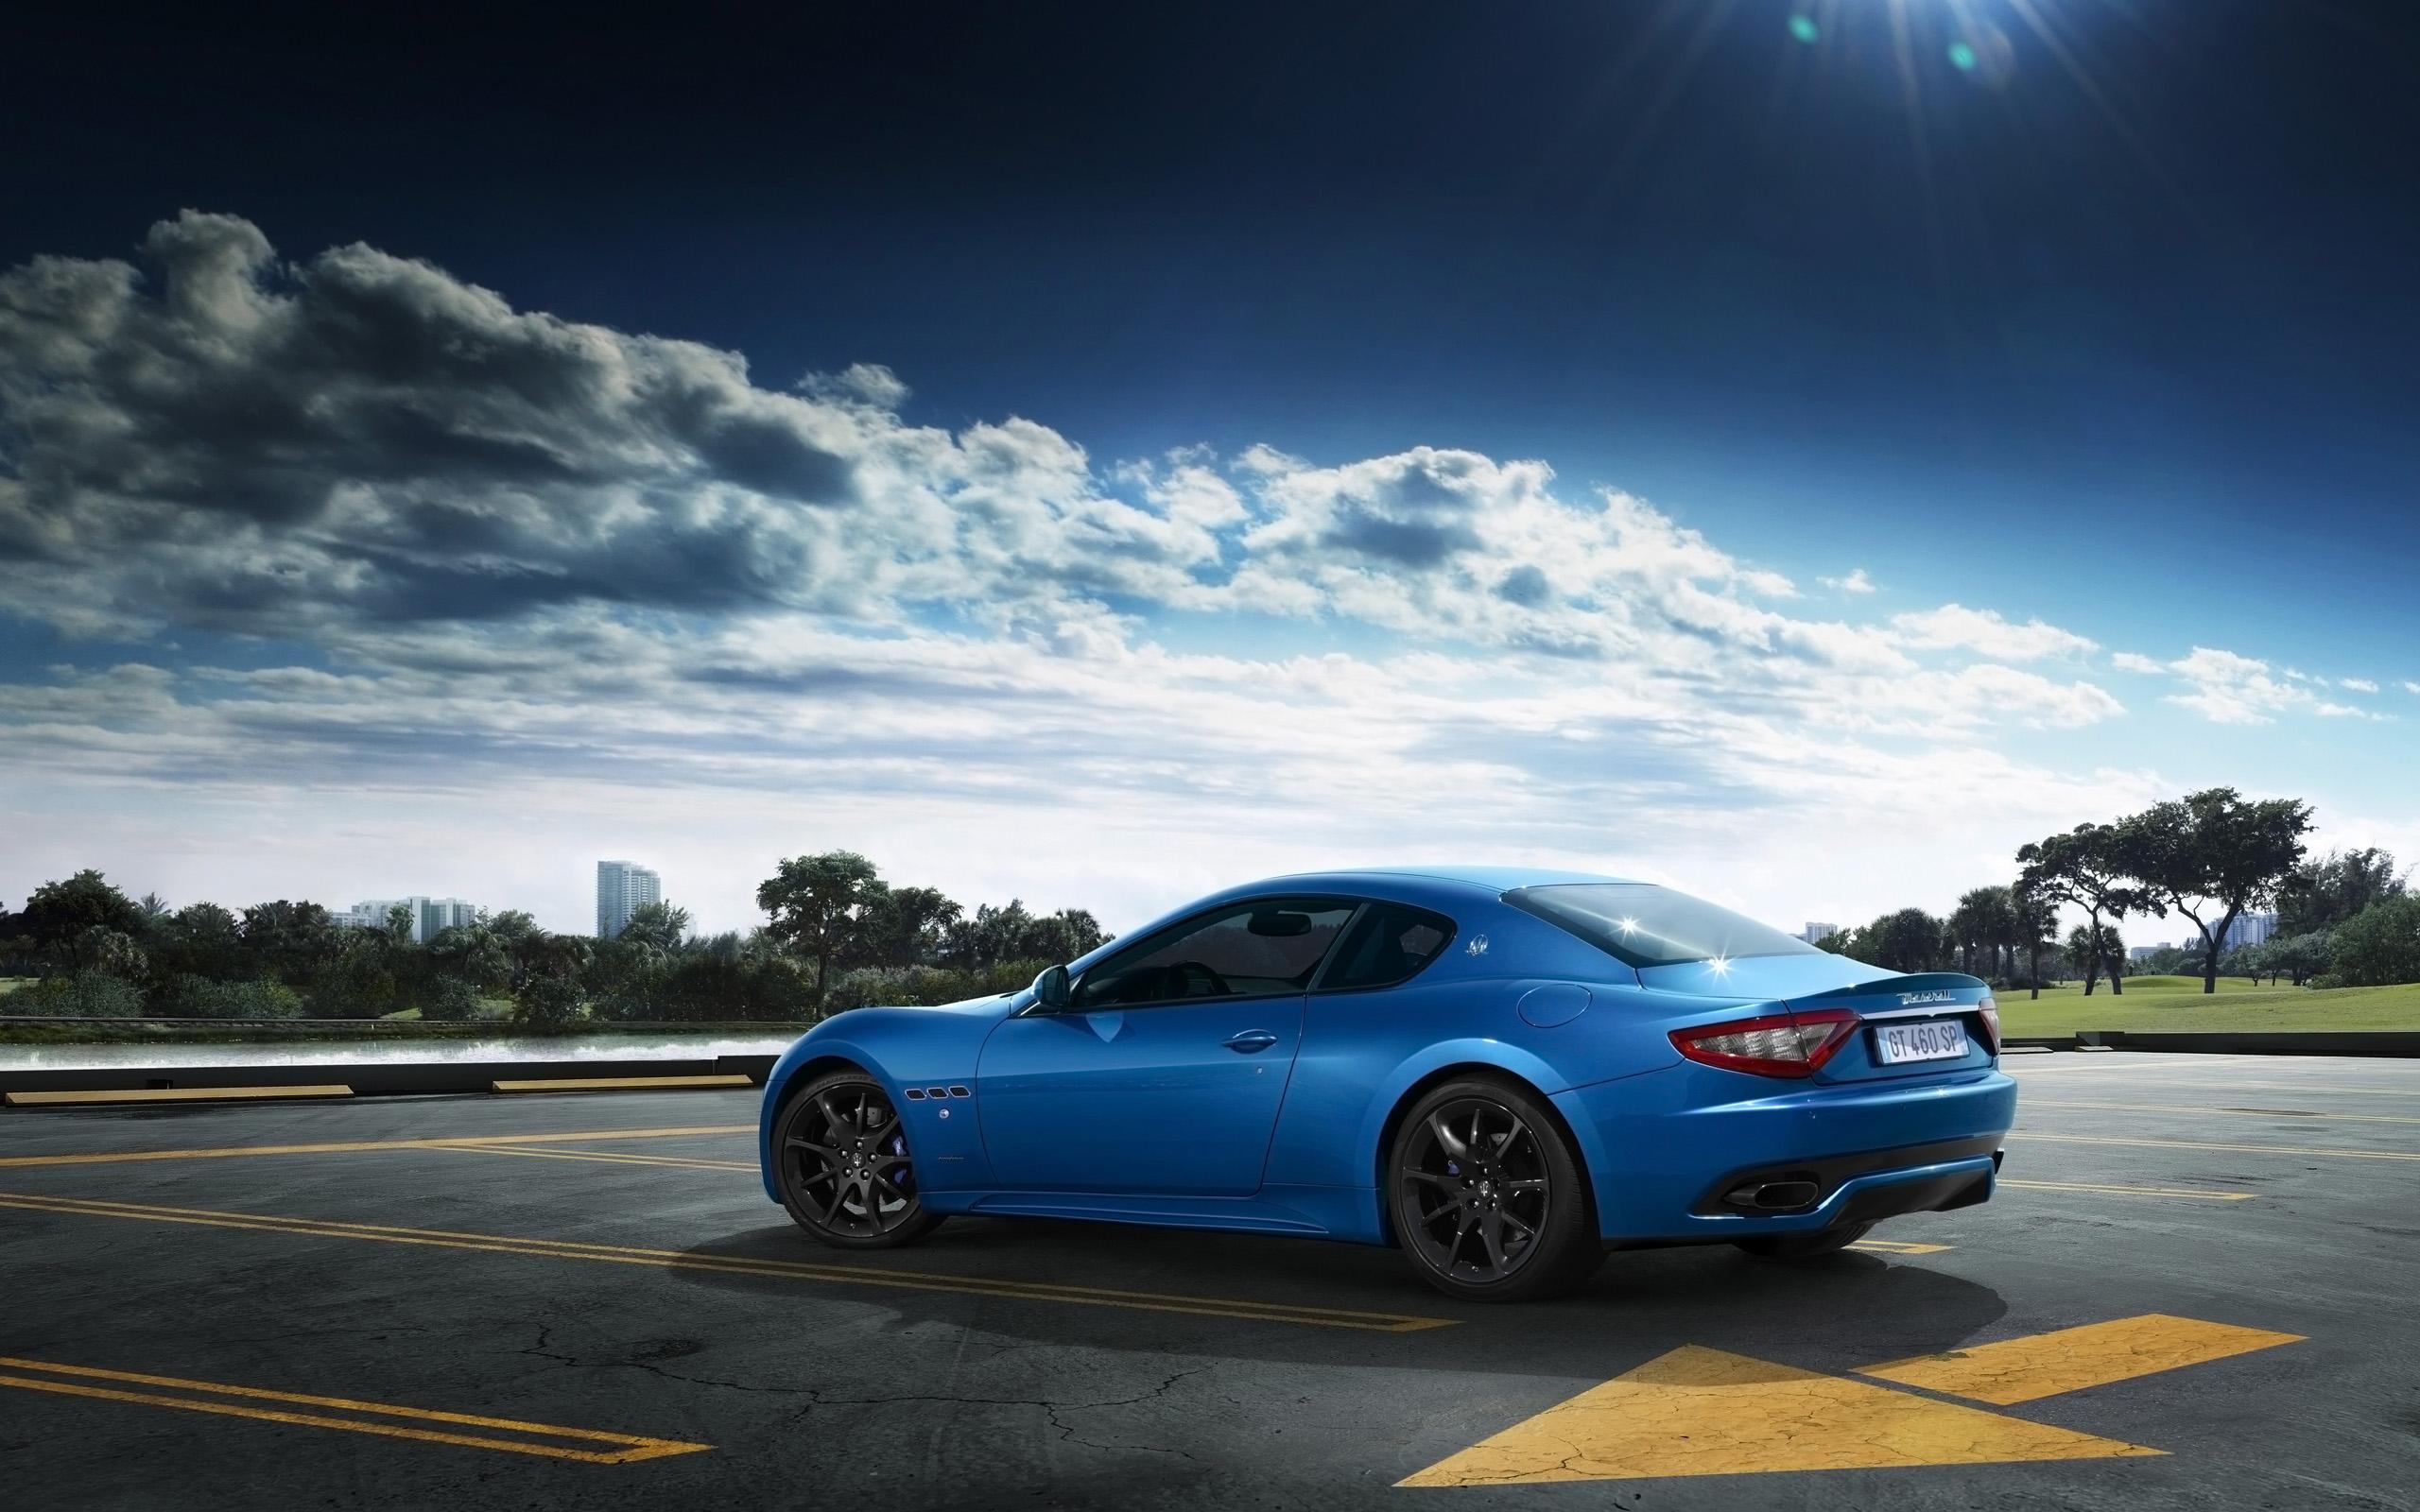 2014 Maserati GranTurismo Sport Blue Wallpaper   HD Car ...